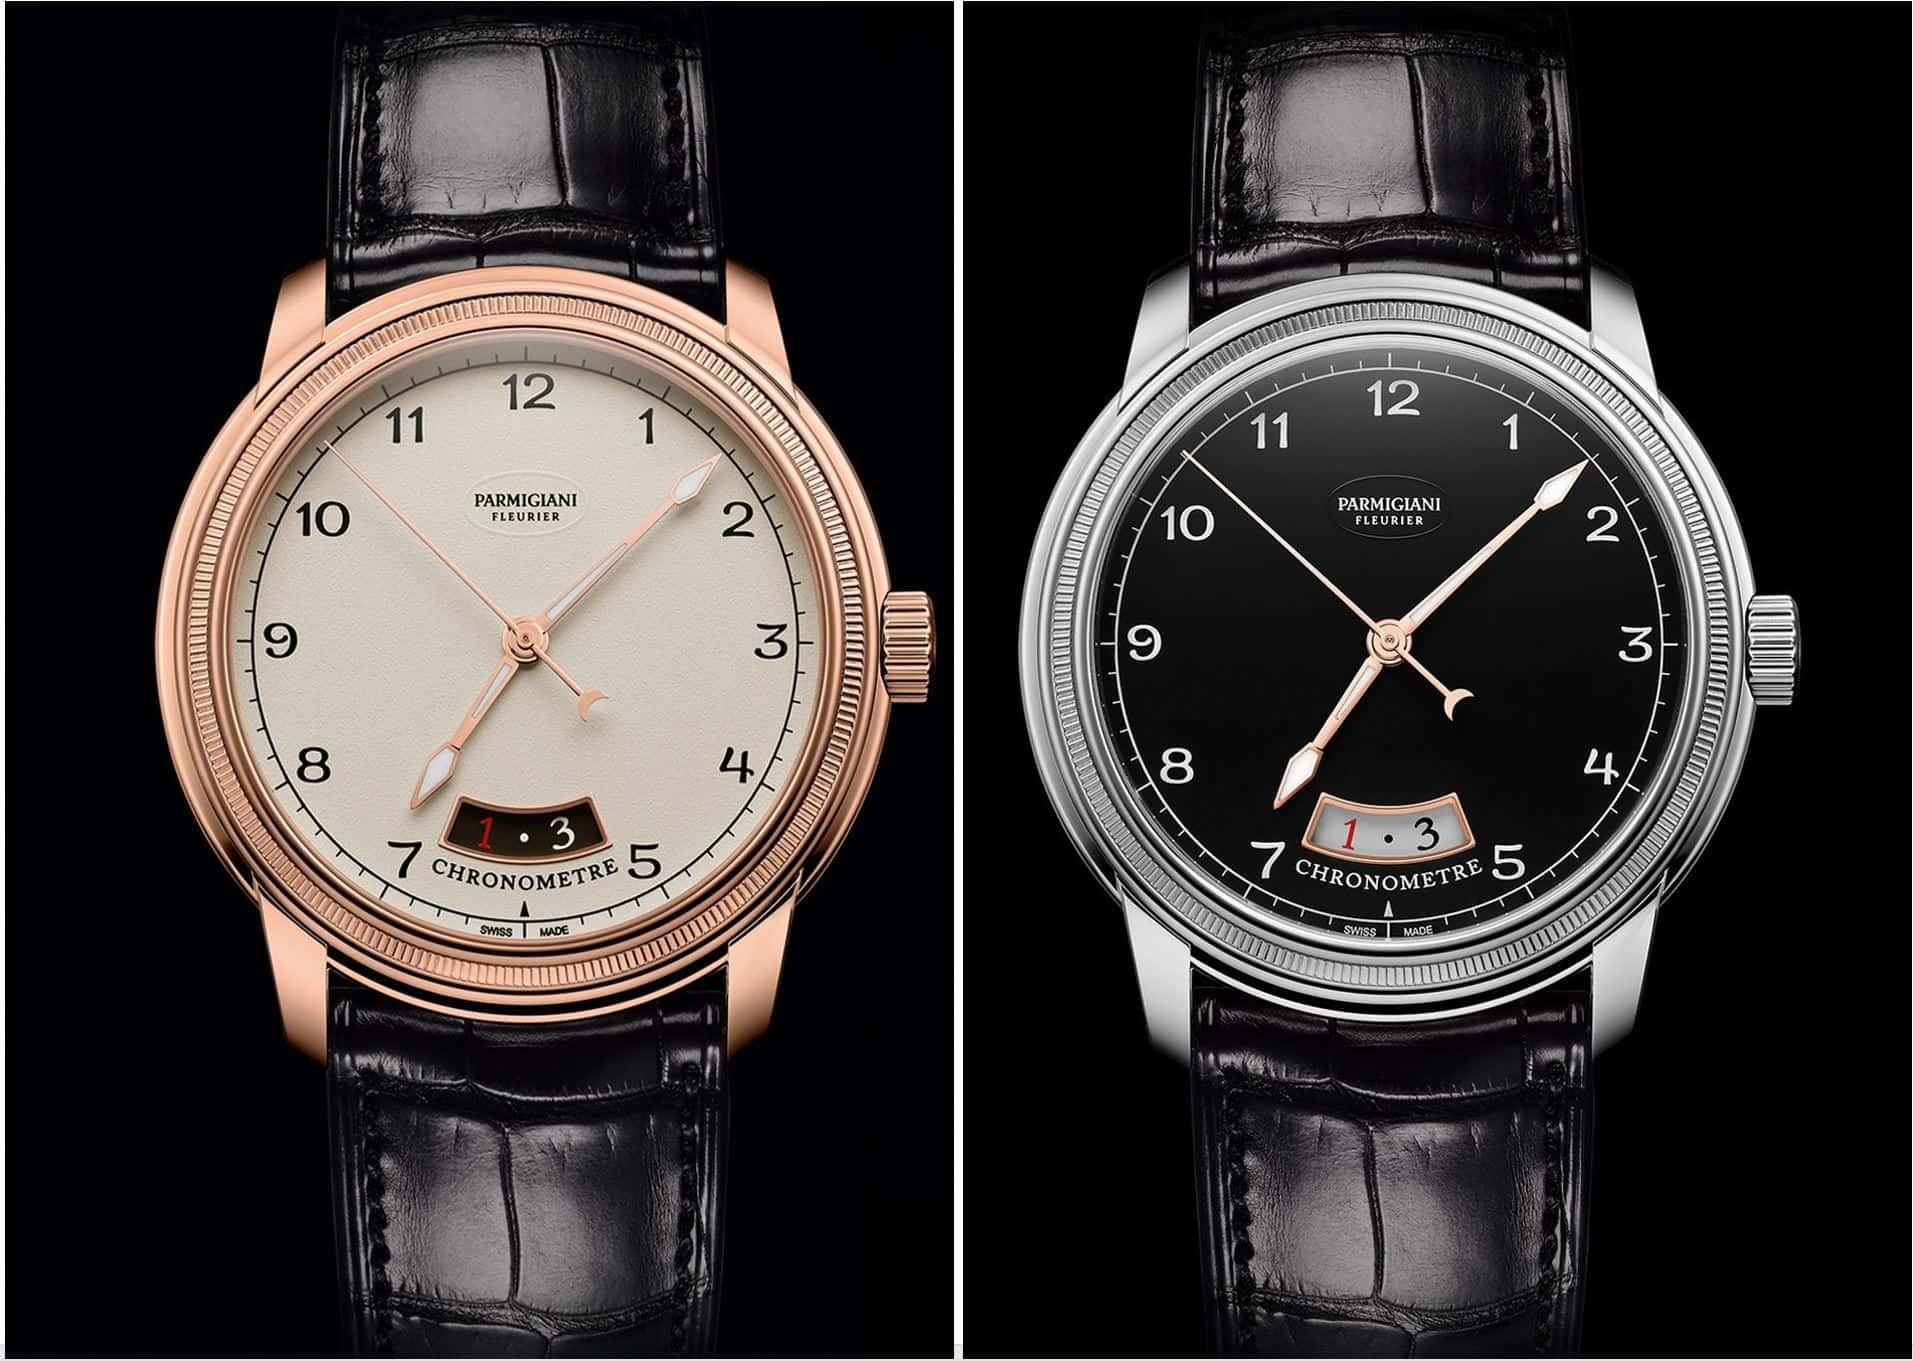 Mit Modellen wie de dem Toric-Chronometre in Weißgold und Rotgold kann Parmigiani Fleurie sicher beeindrucken